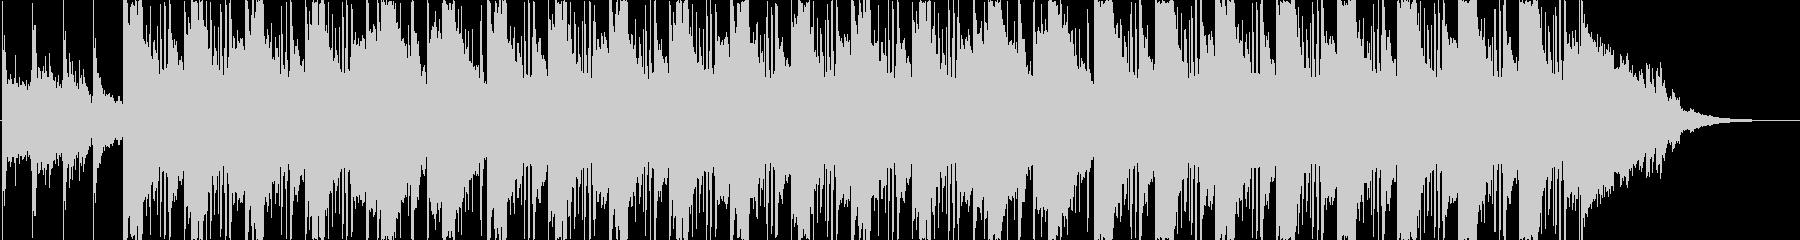 アコギがメインの優しい楽曲の未再生の波形